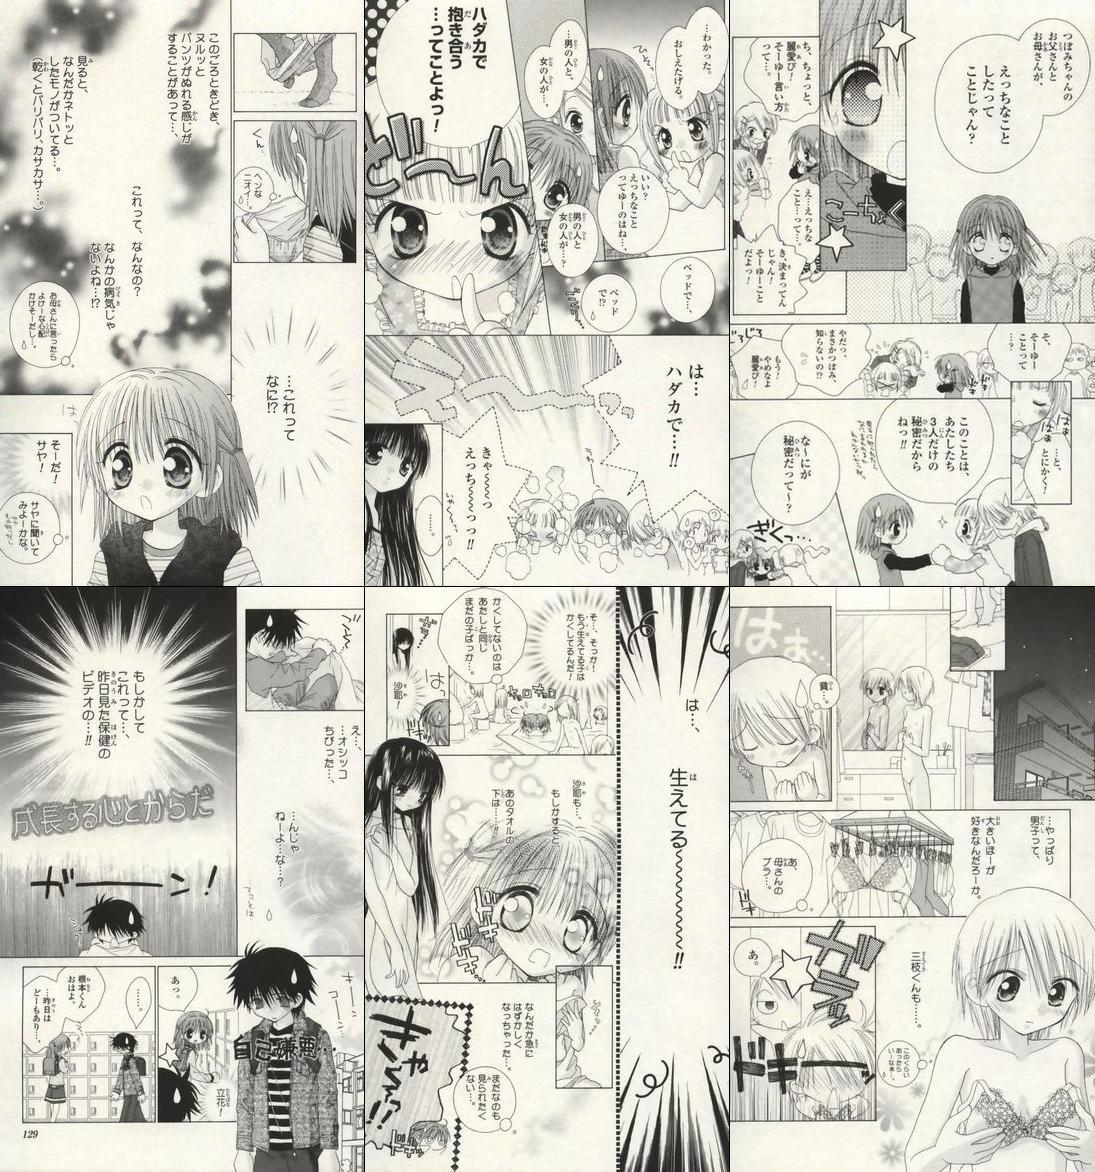 【非18禁】一般誌のエロ漫画スレ15 [無断転載禁止]©bbspink.com->画像>1064枚